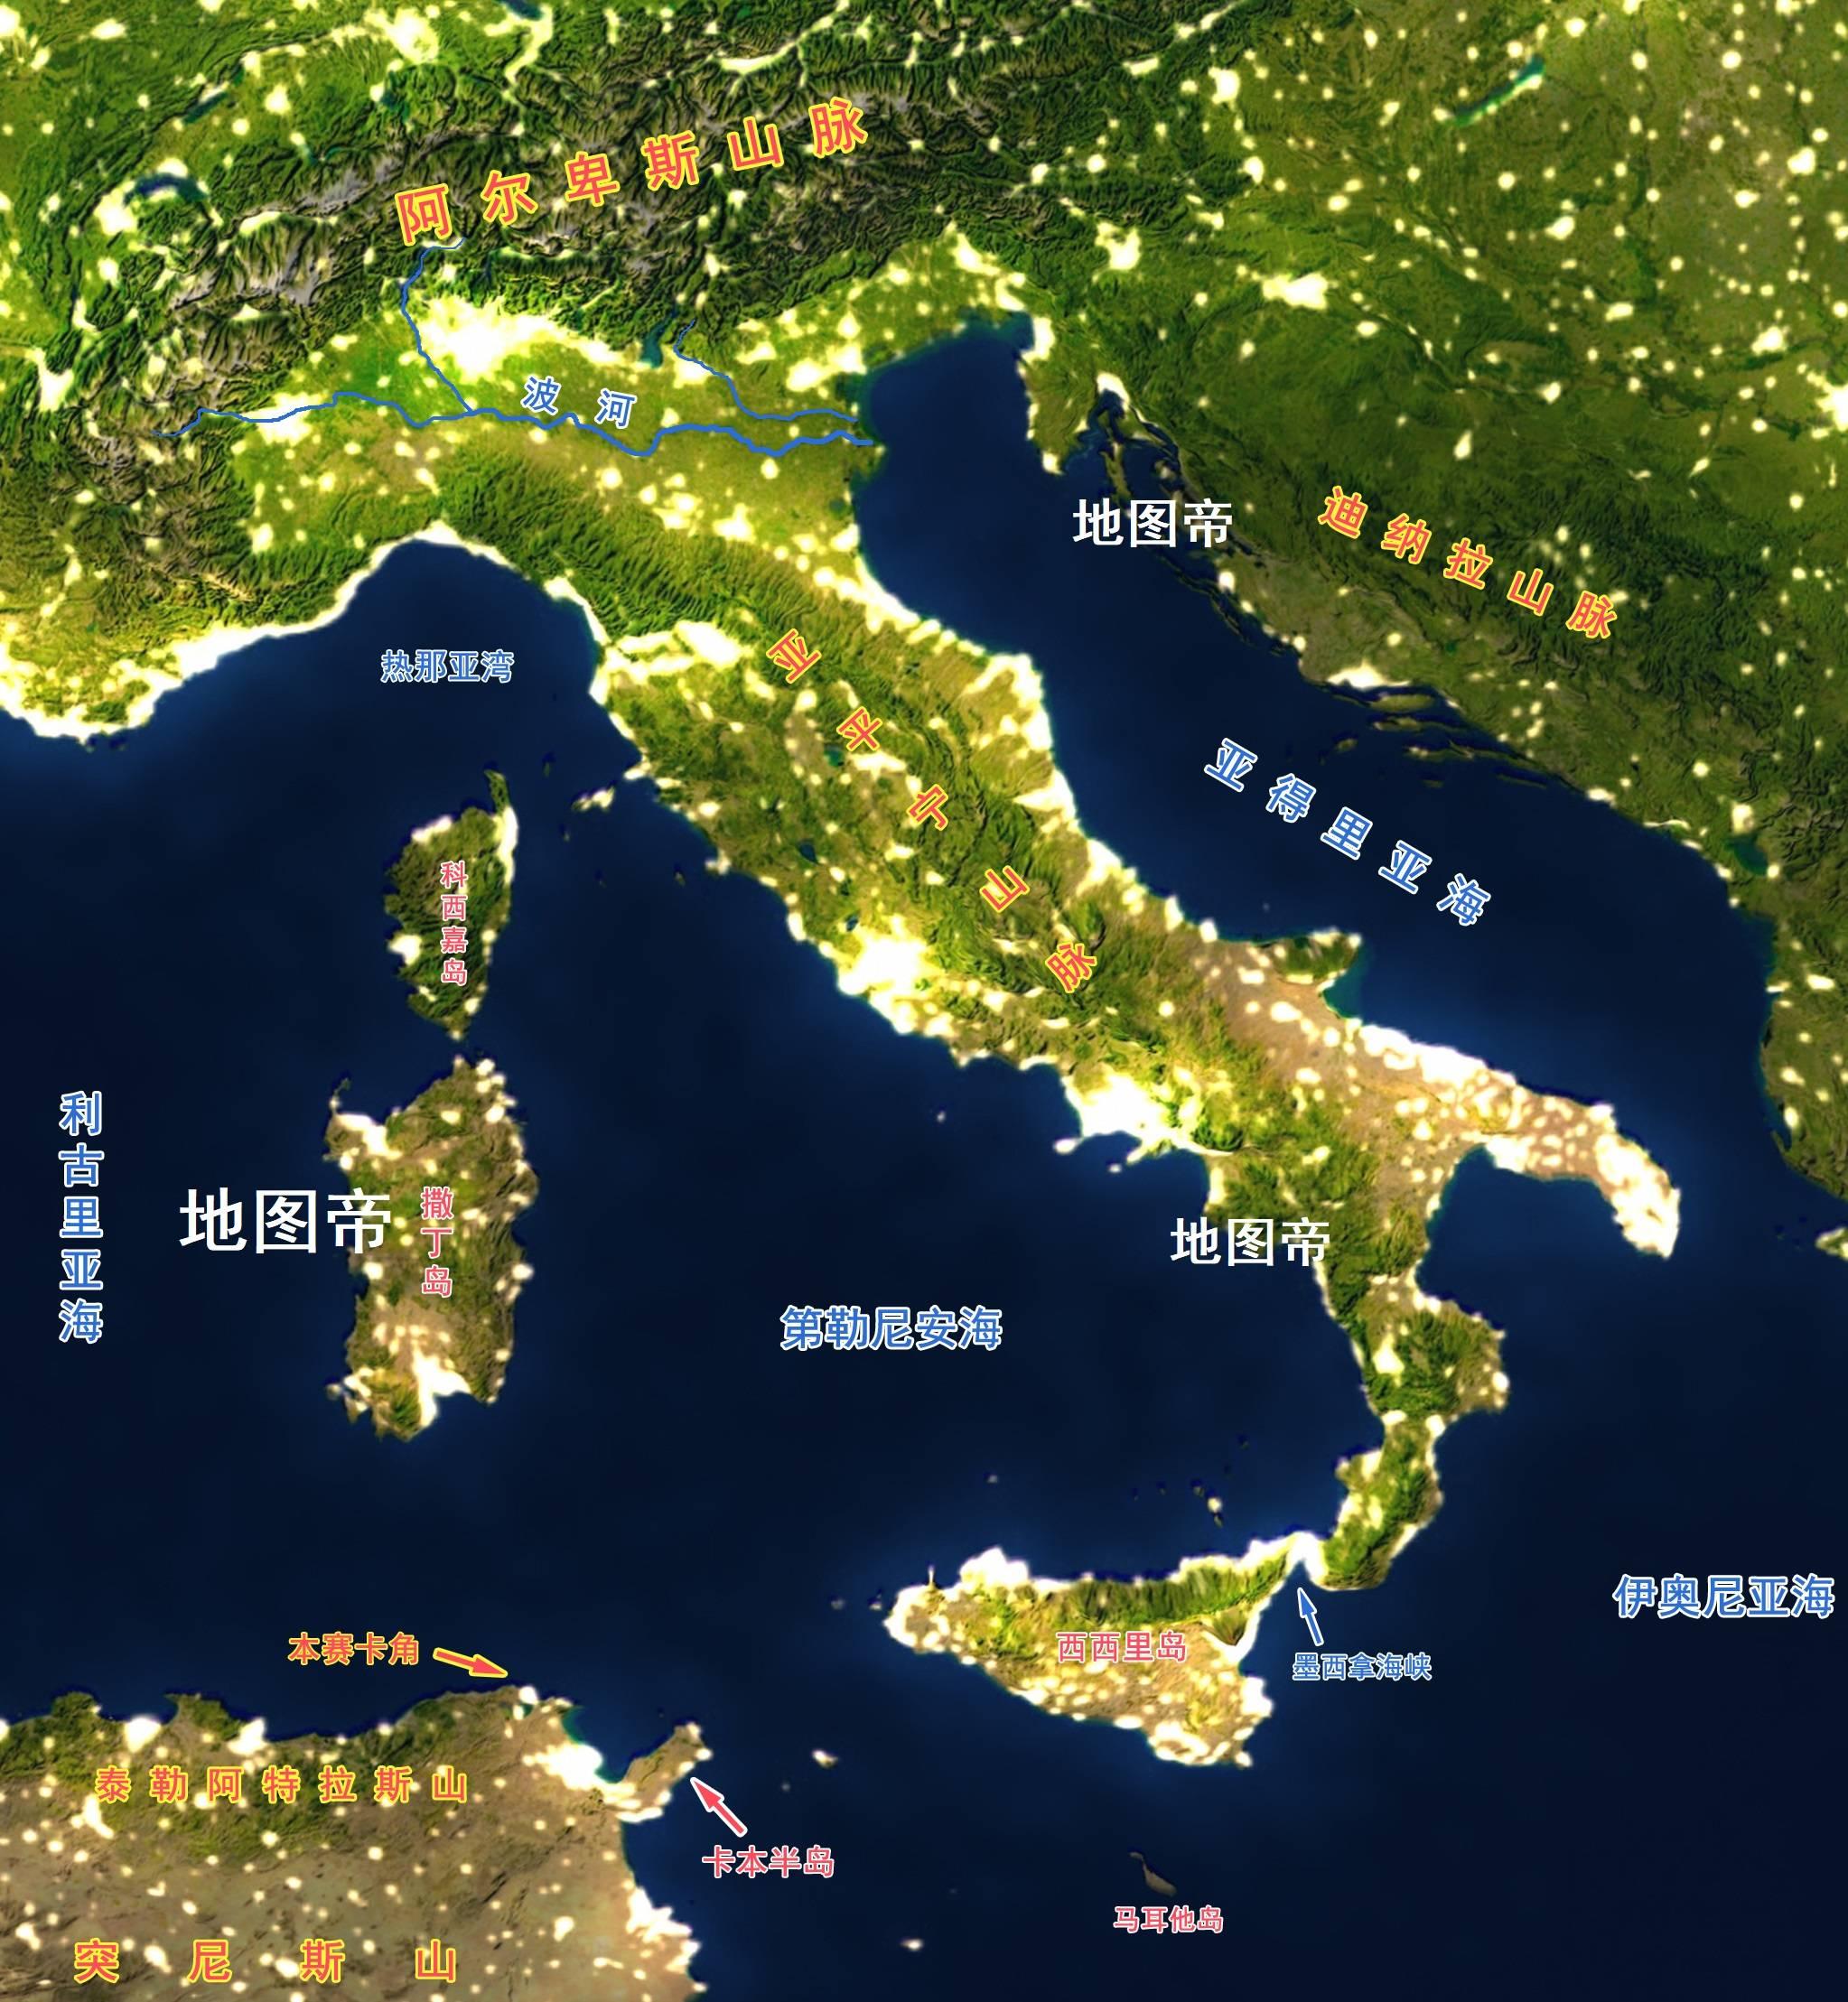 波河平原,对意大利意味着什么?_意大利新闻_意大利中文网